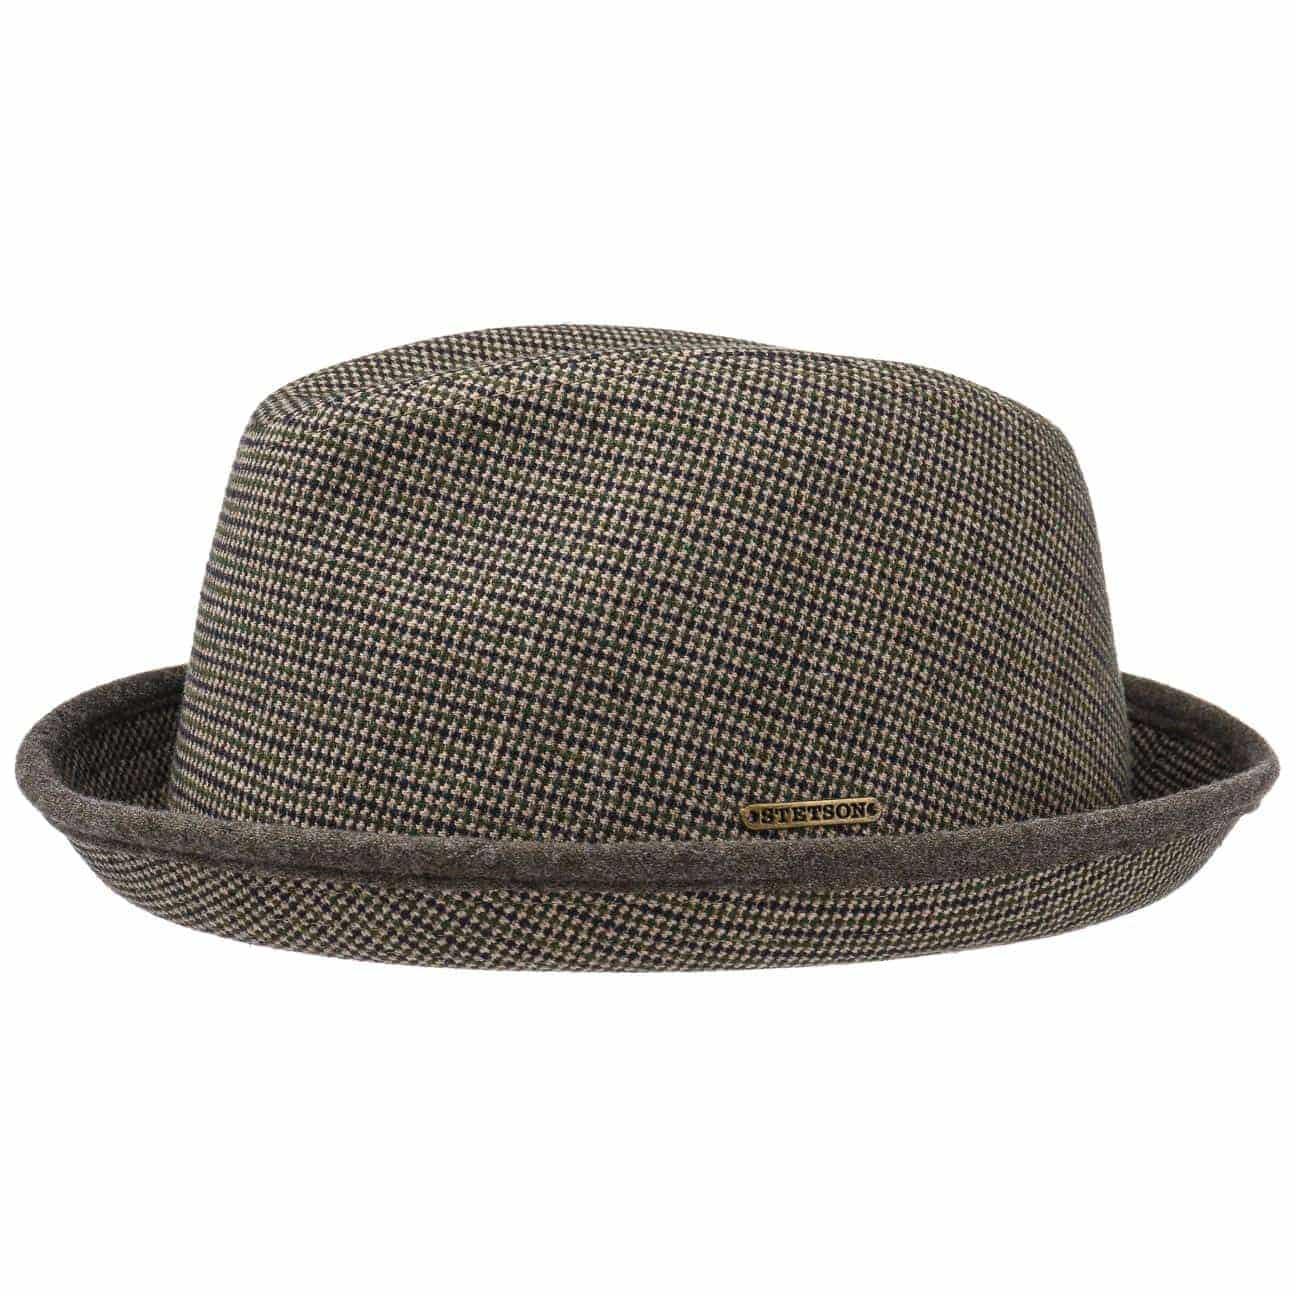 Hemp Player Sun Hat by Stetson Sun hats Stetson UntJNL